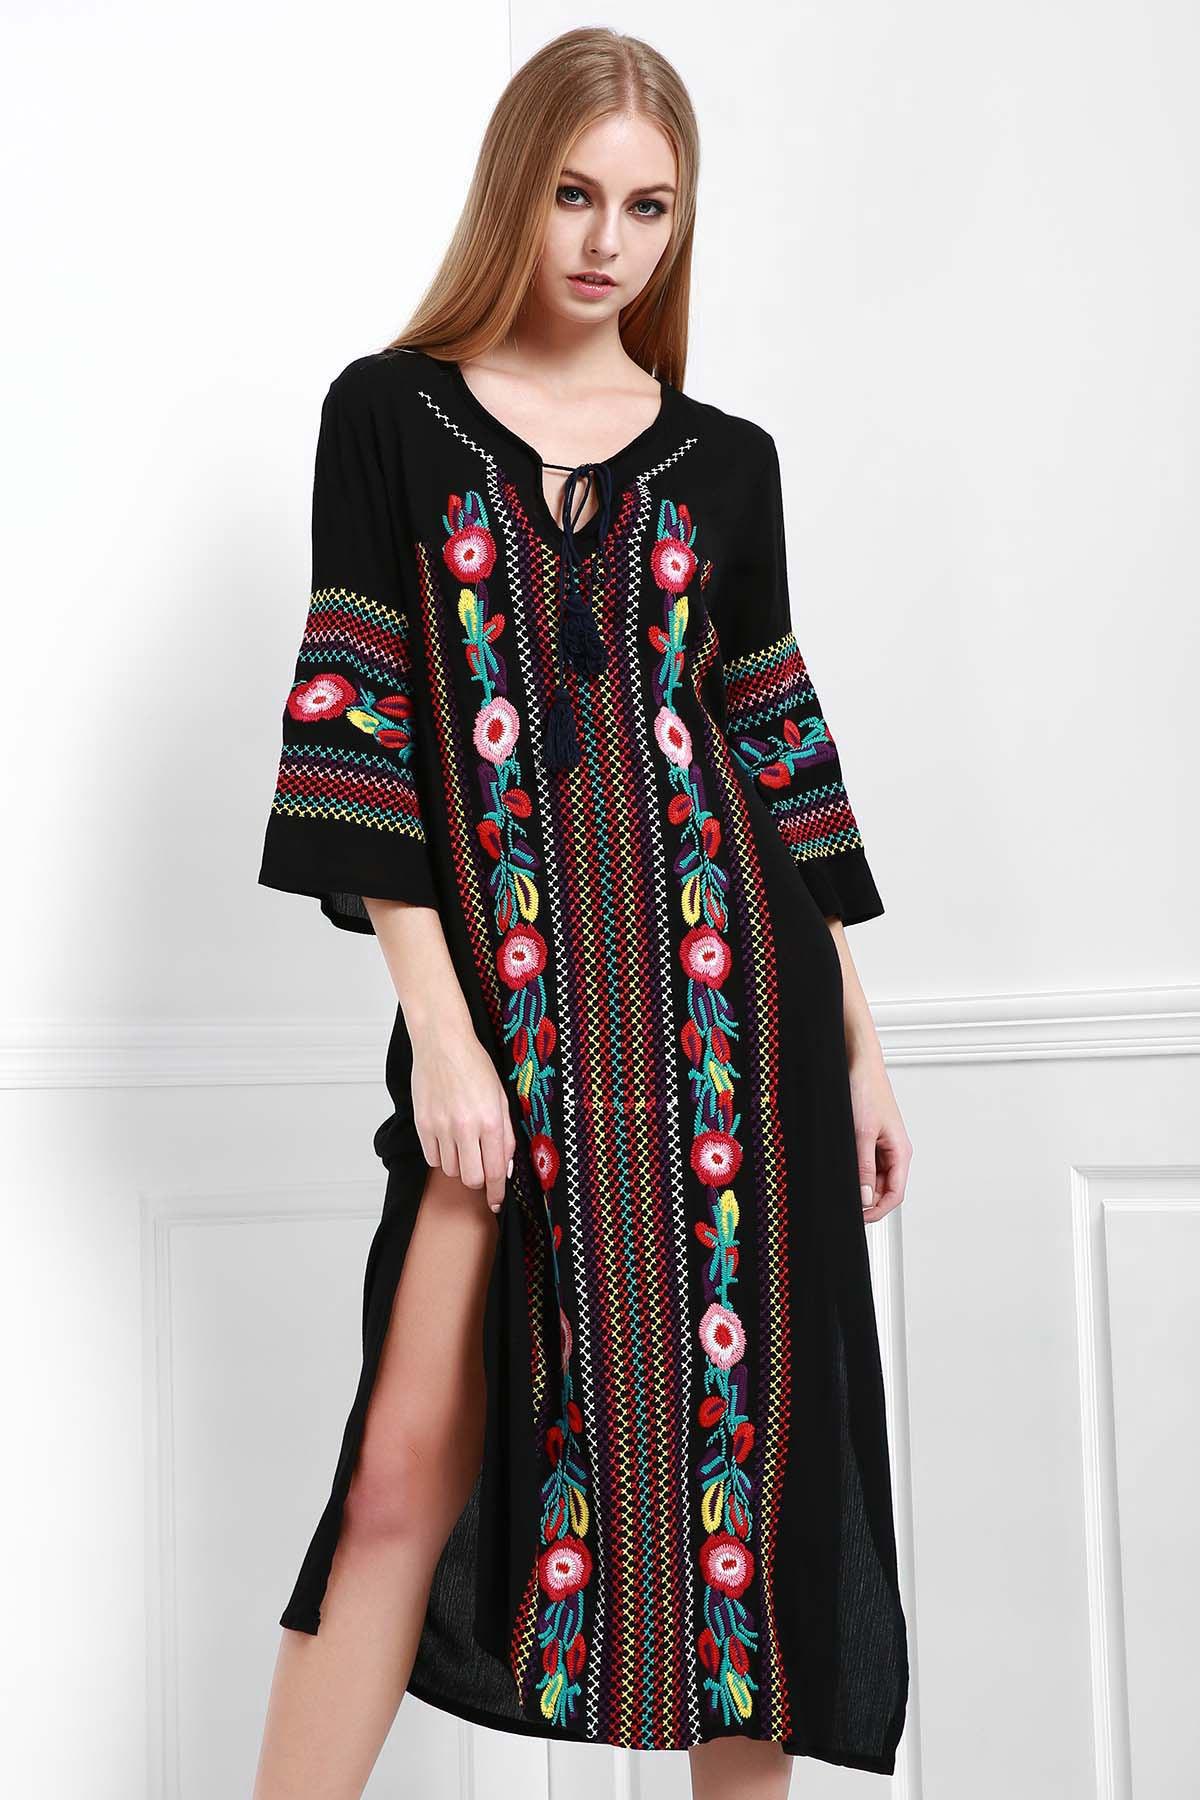 V-Neck Floral Embroidery Side Slit Long Sleeve Dress